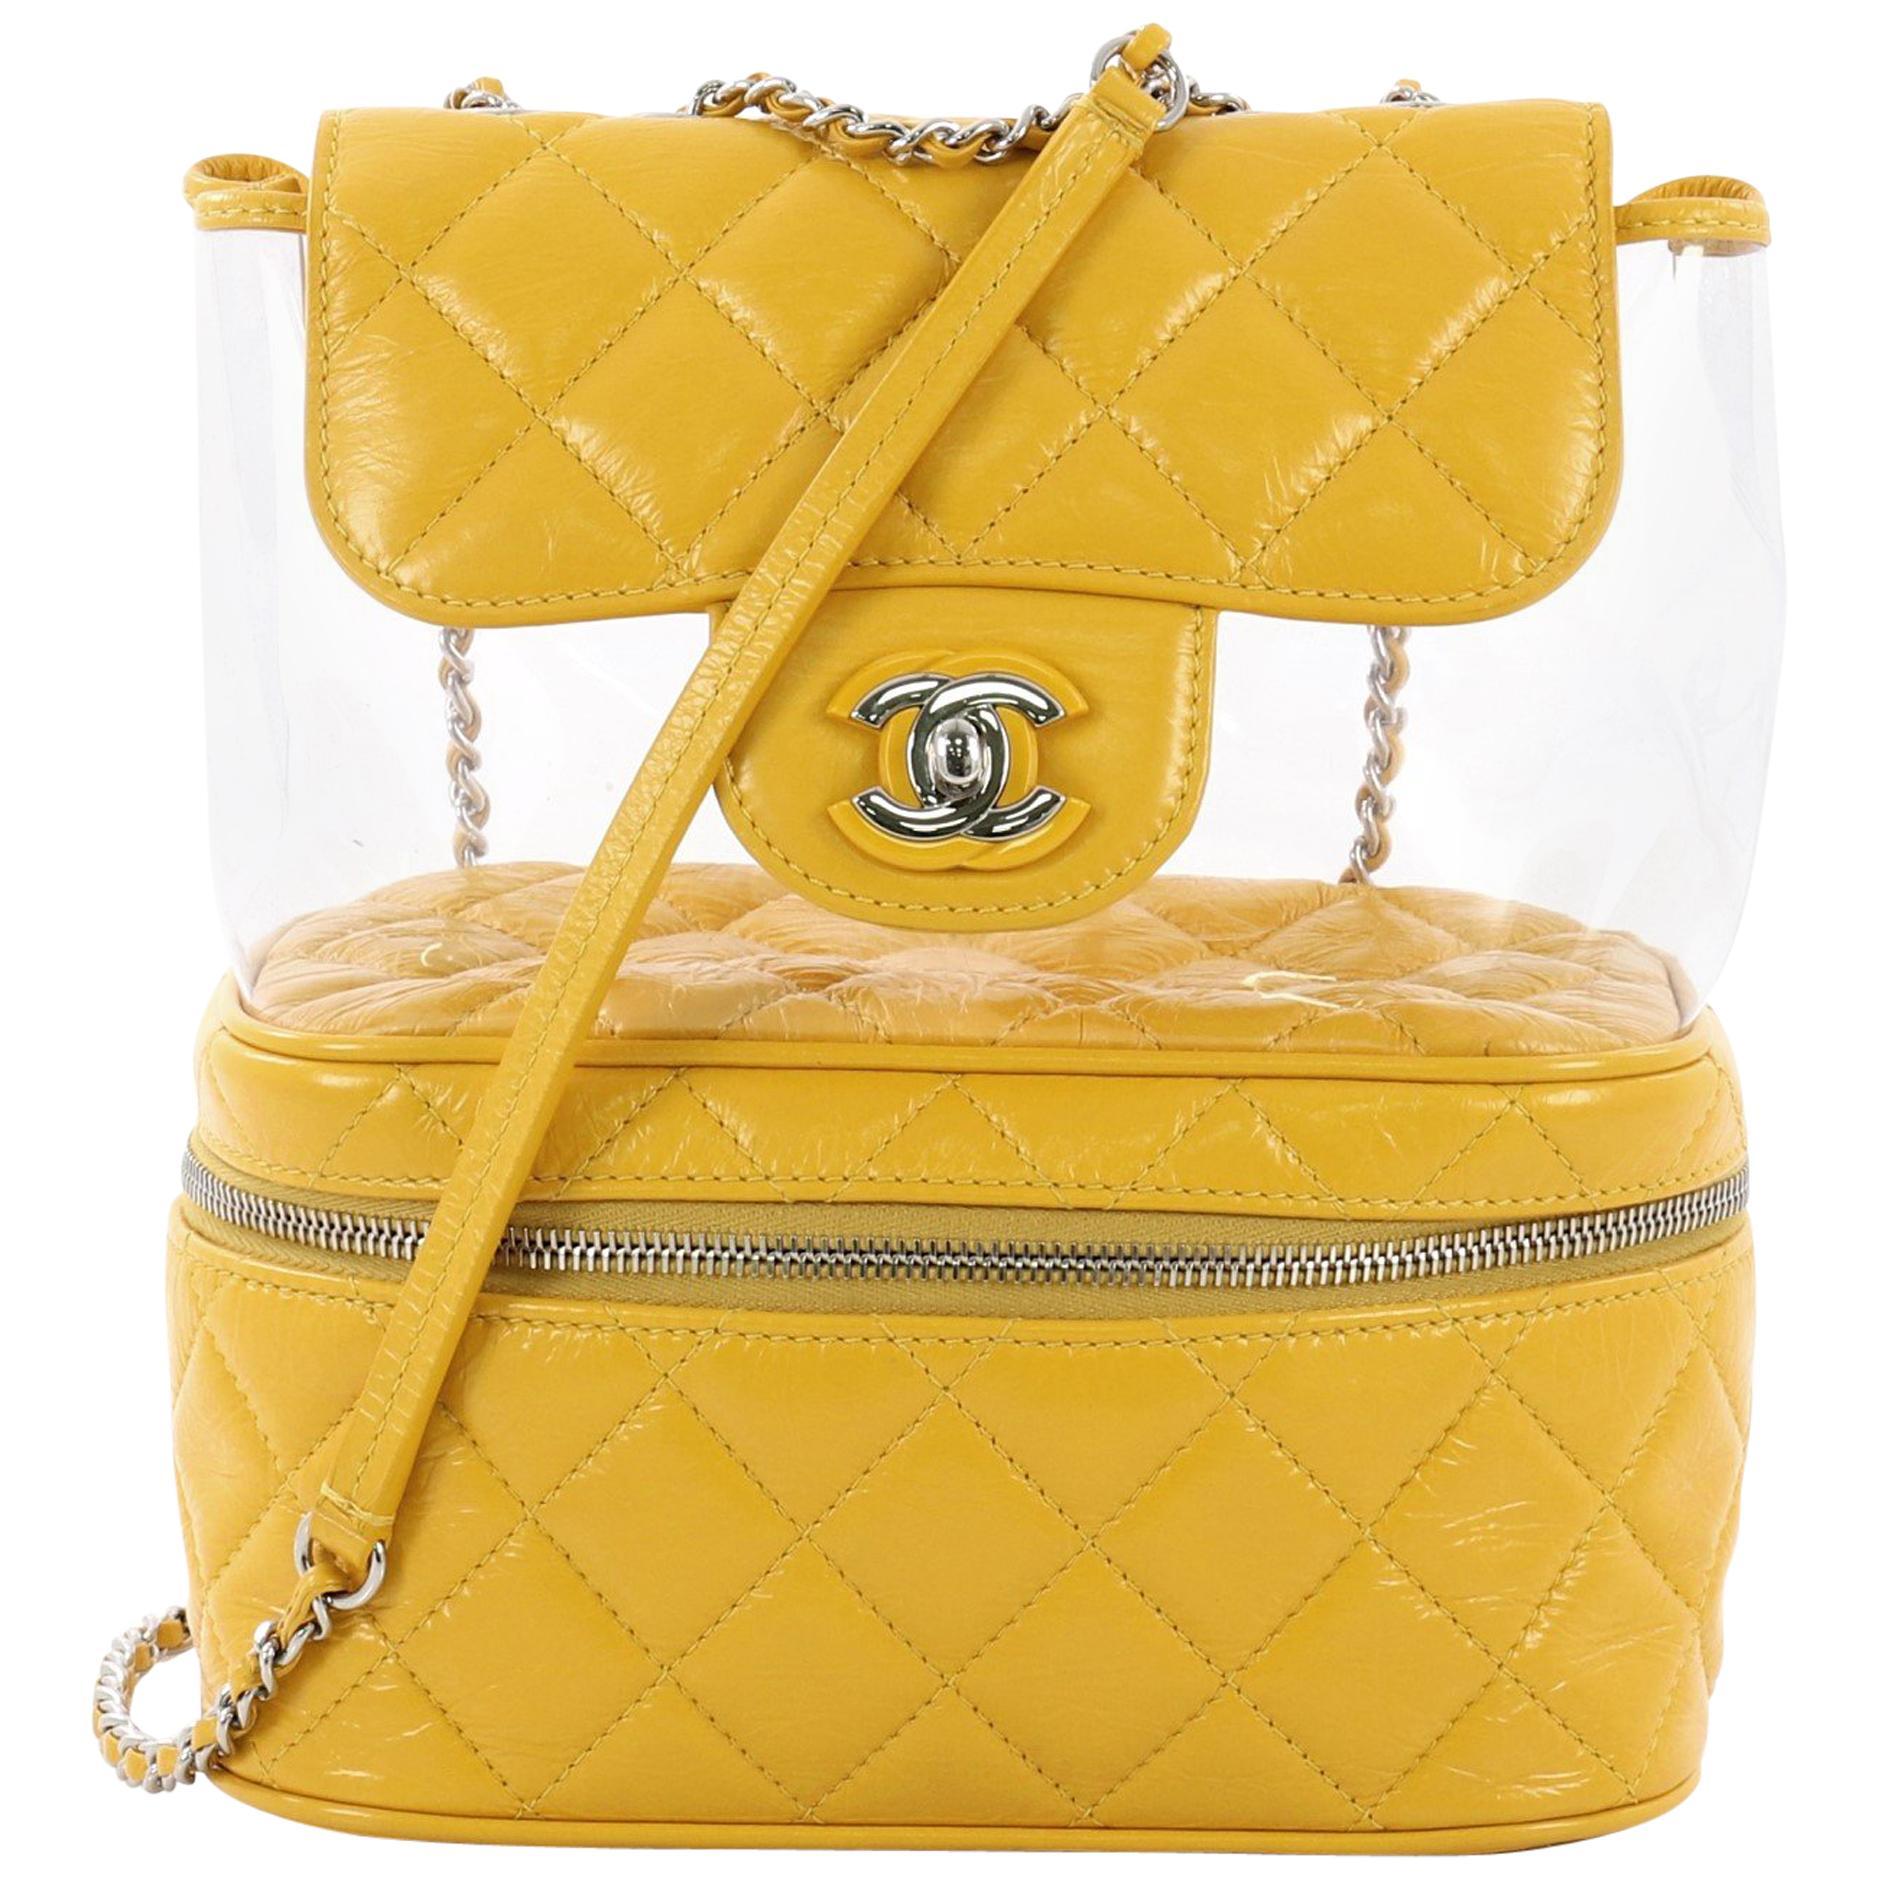 5235fee42b22 Rebag Handbags and Purses - 1stdibs - Page 4